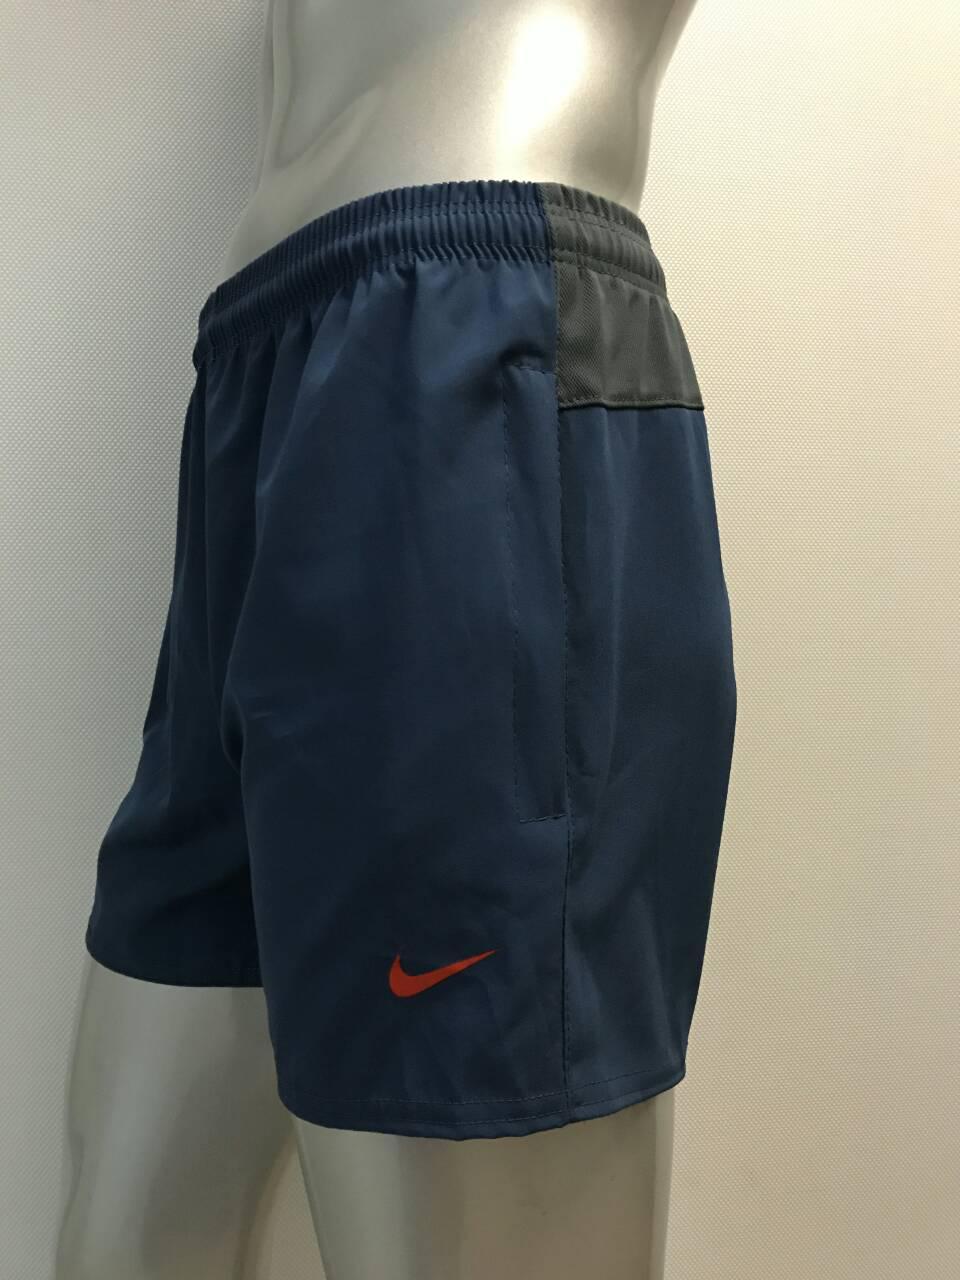 0cb90e64 Мужские Шорты Nike Из Микрофибры Копия — в Категории